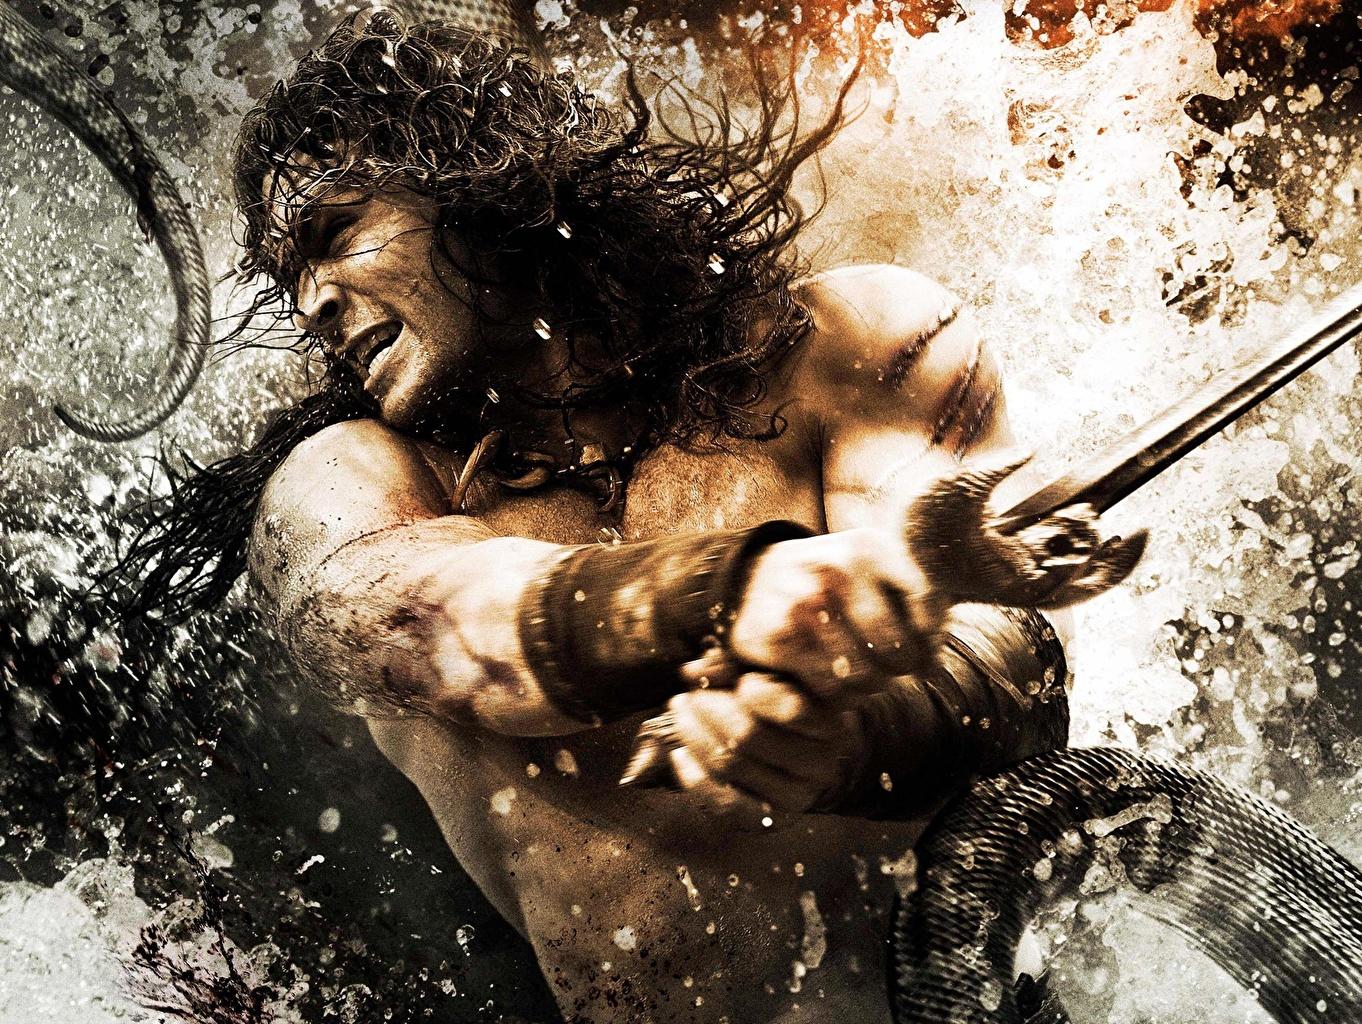 Wallpaper Conan The Barbarian 2011 Movies